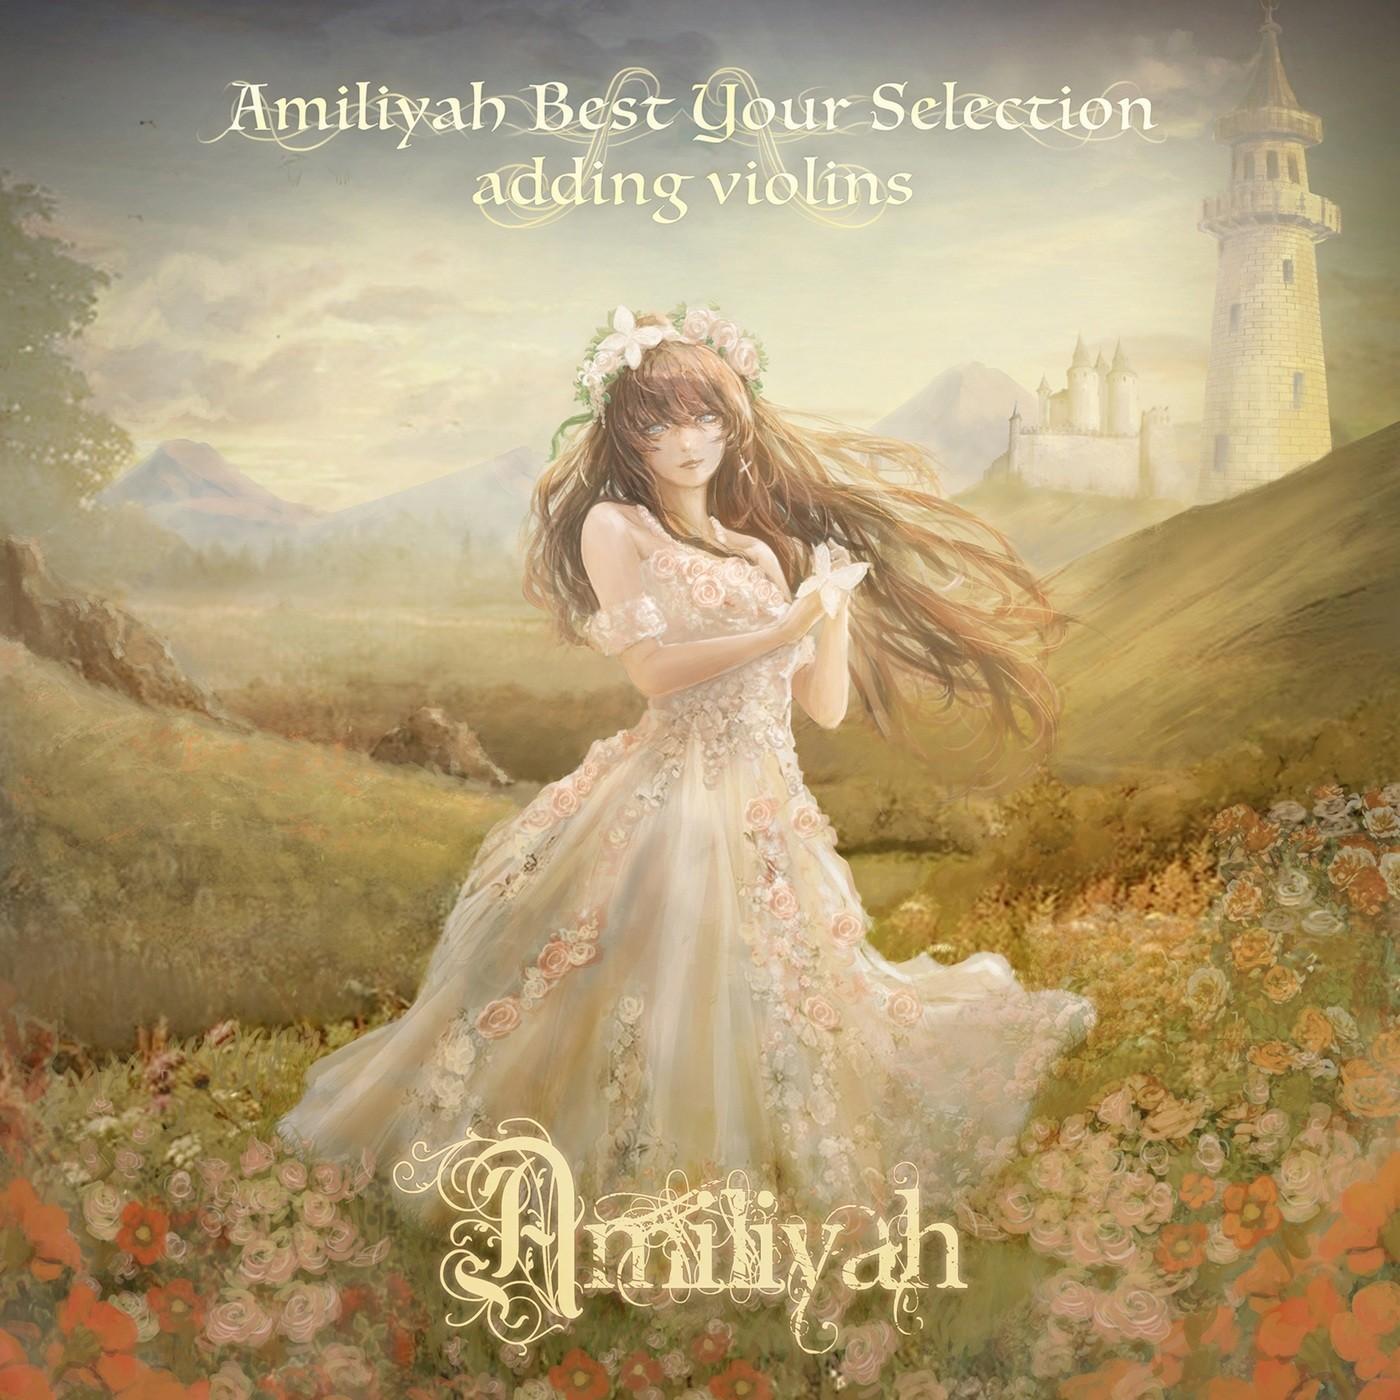 [Album] Amiliyah – Amiliyah Best Your Selection adding violins [FLAC / WEB] [2021.05.19]